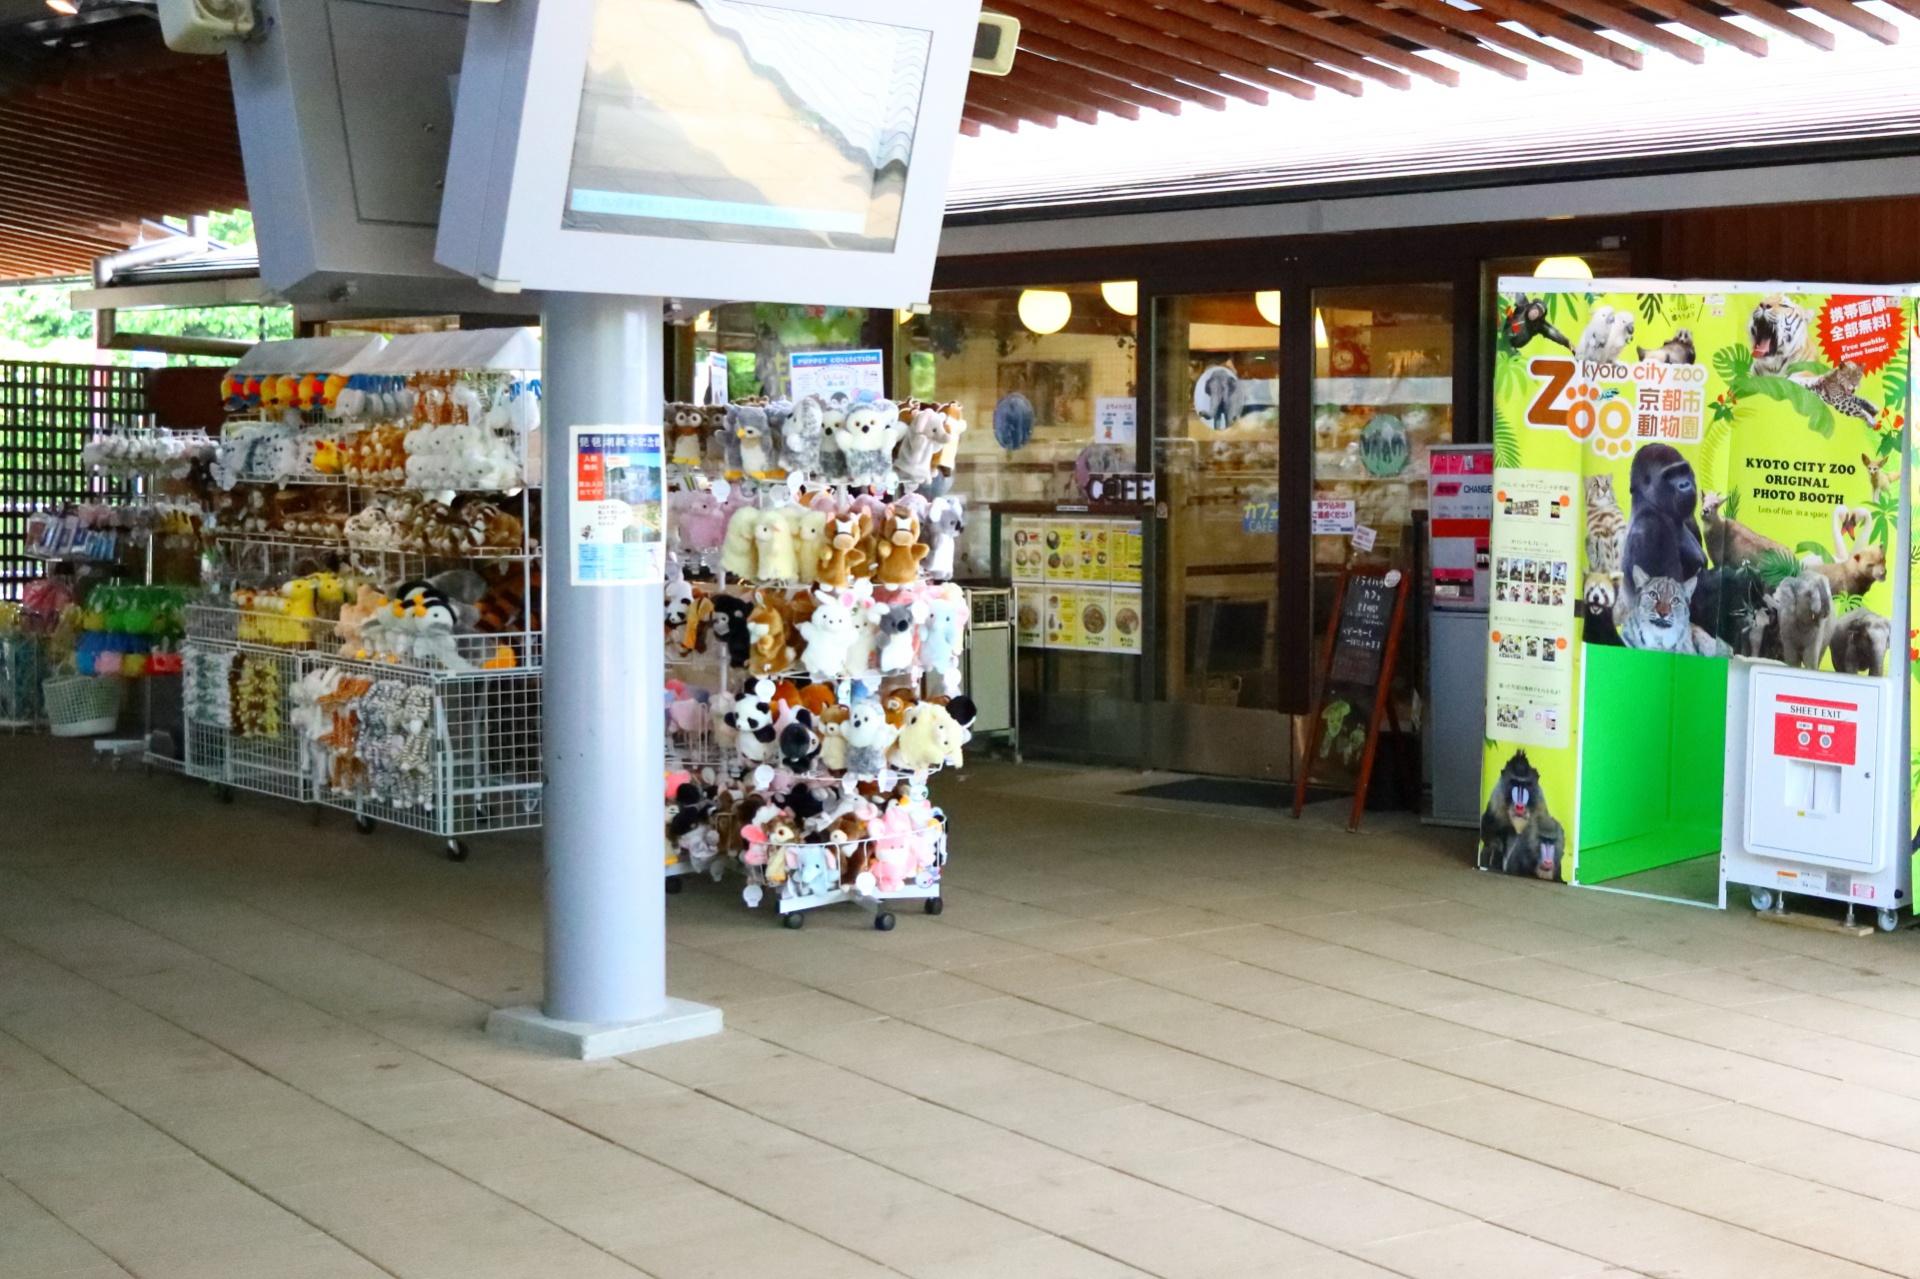 京都市動物園(地下鉄蹴上駅から徒歩7分)東エントランス風景(軽食あります)